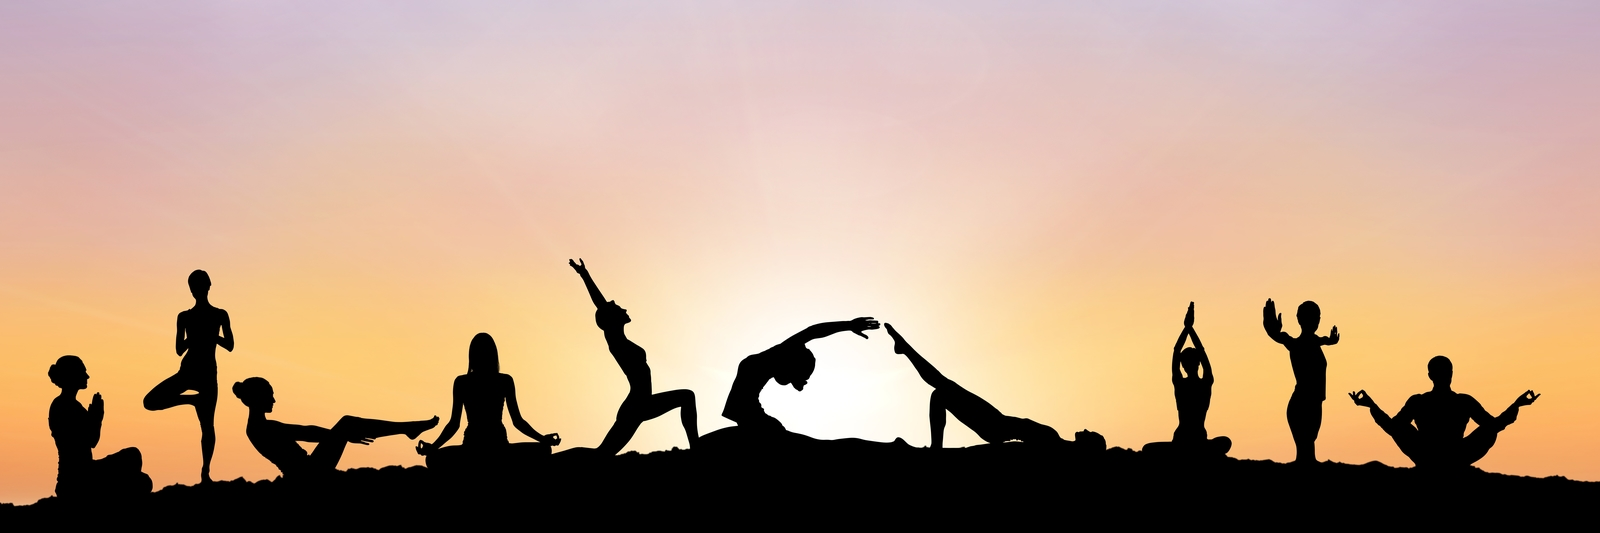 les 5 principes du yoga